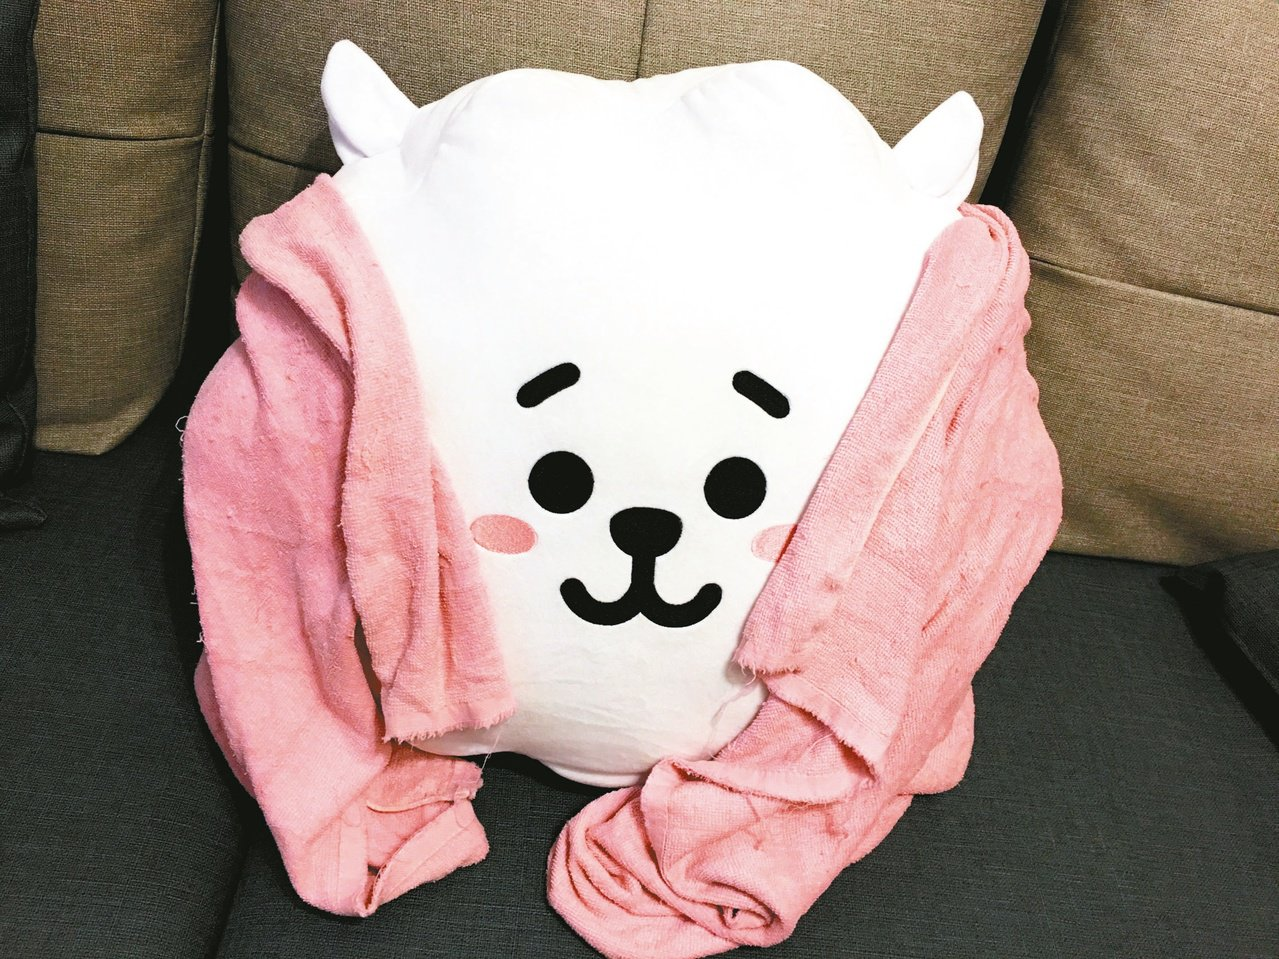 每個baby出生時,多數醫院會用一條大毛巾包裹幼小的身軀。 圖/安娜提供